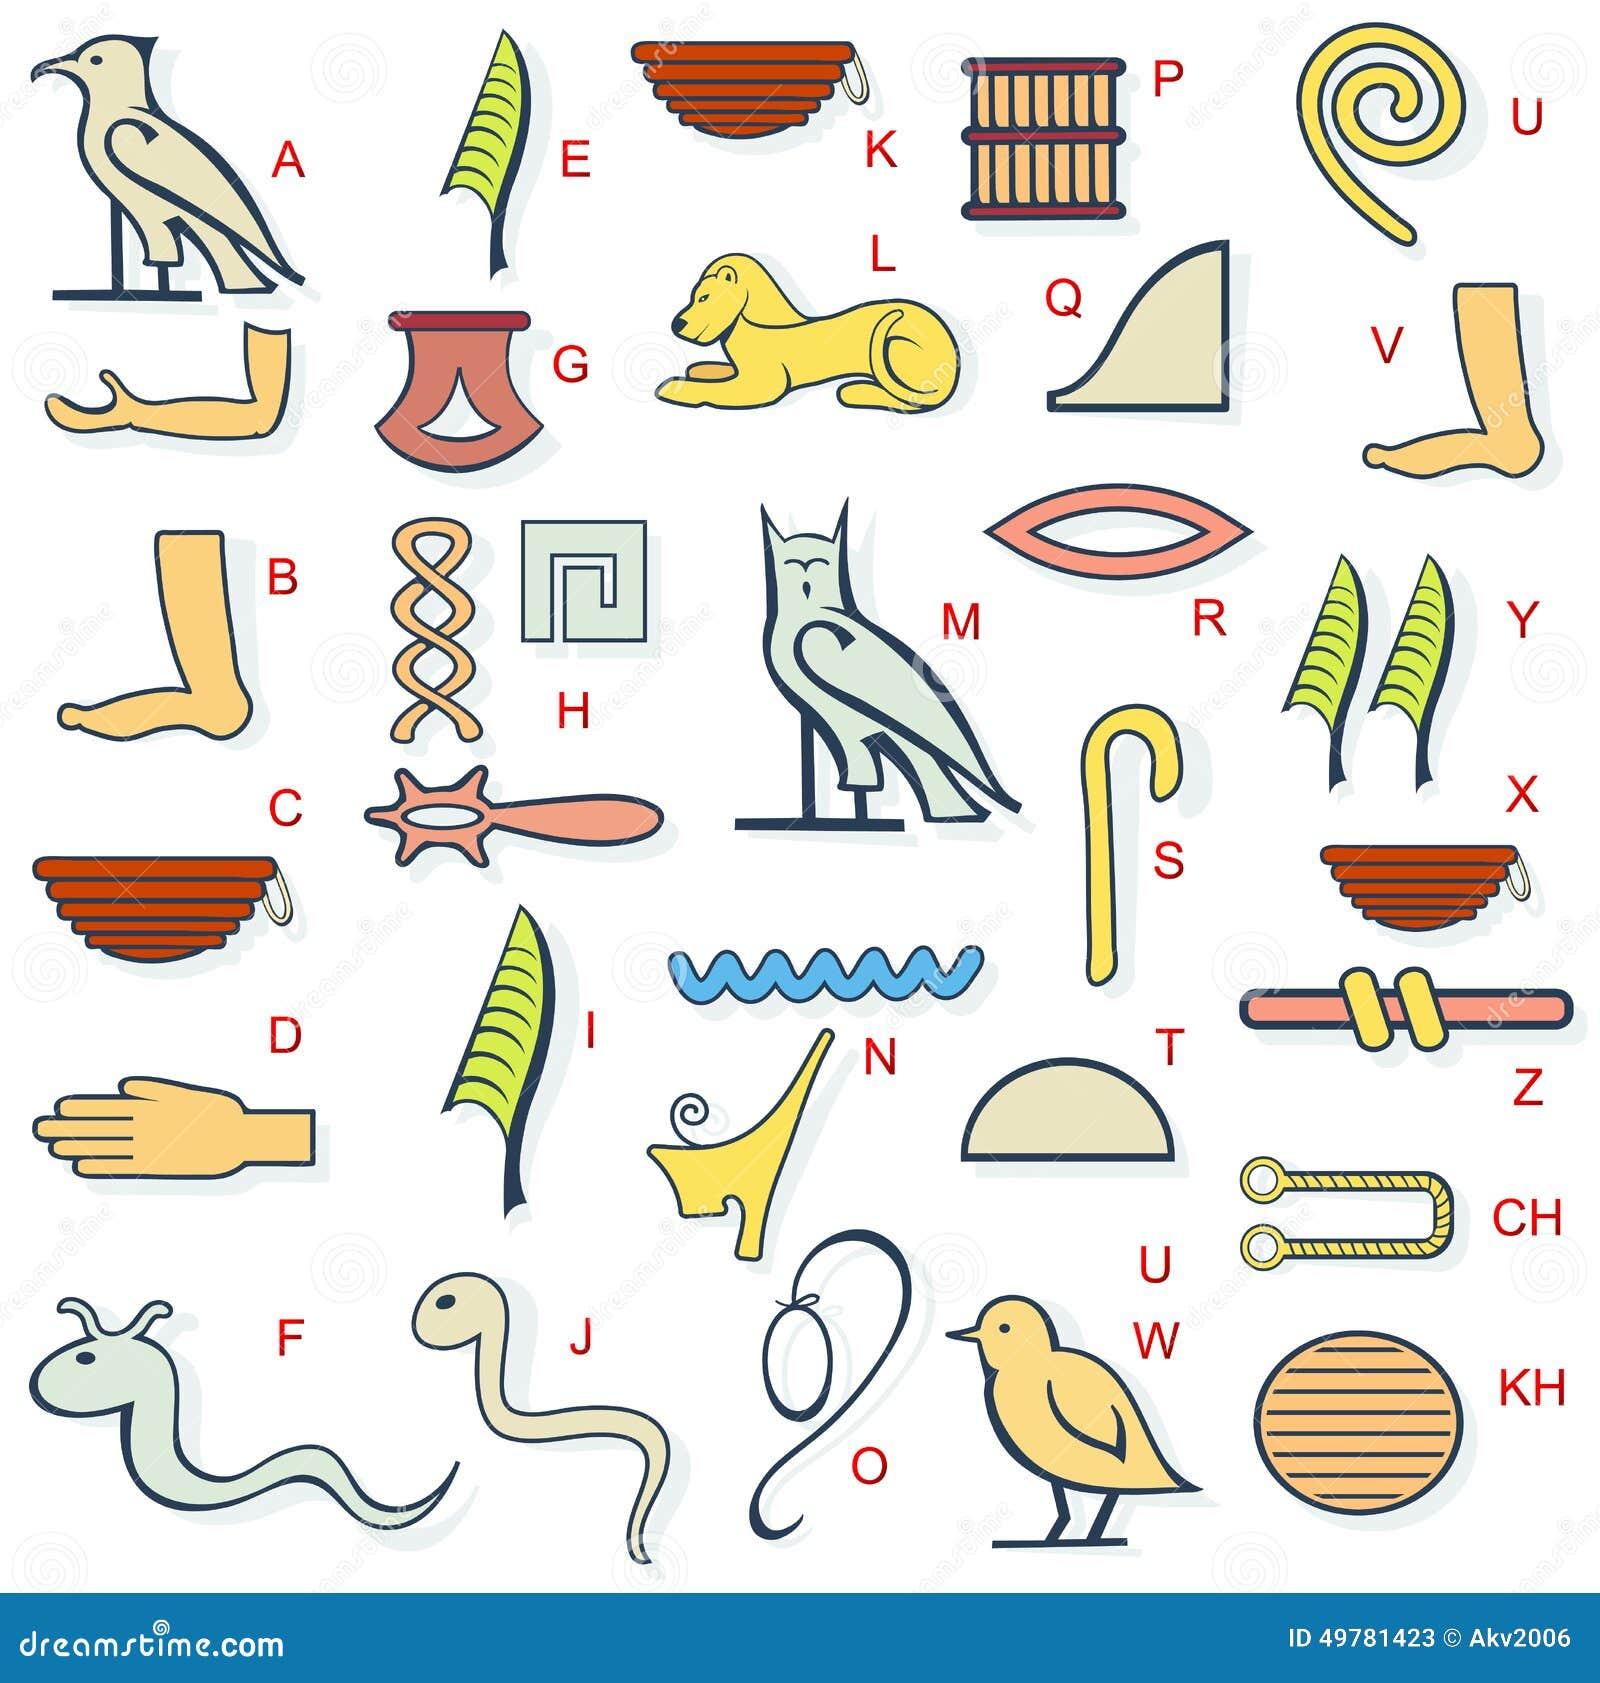 Egypt-Alphabet-A-Z Vector illustration for ancient Egypt hieroglyphs ...